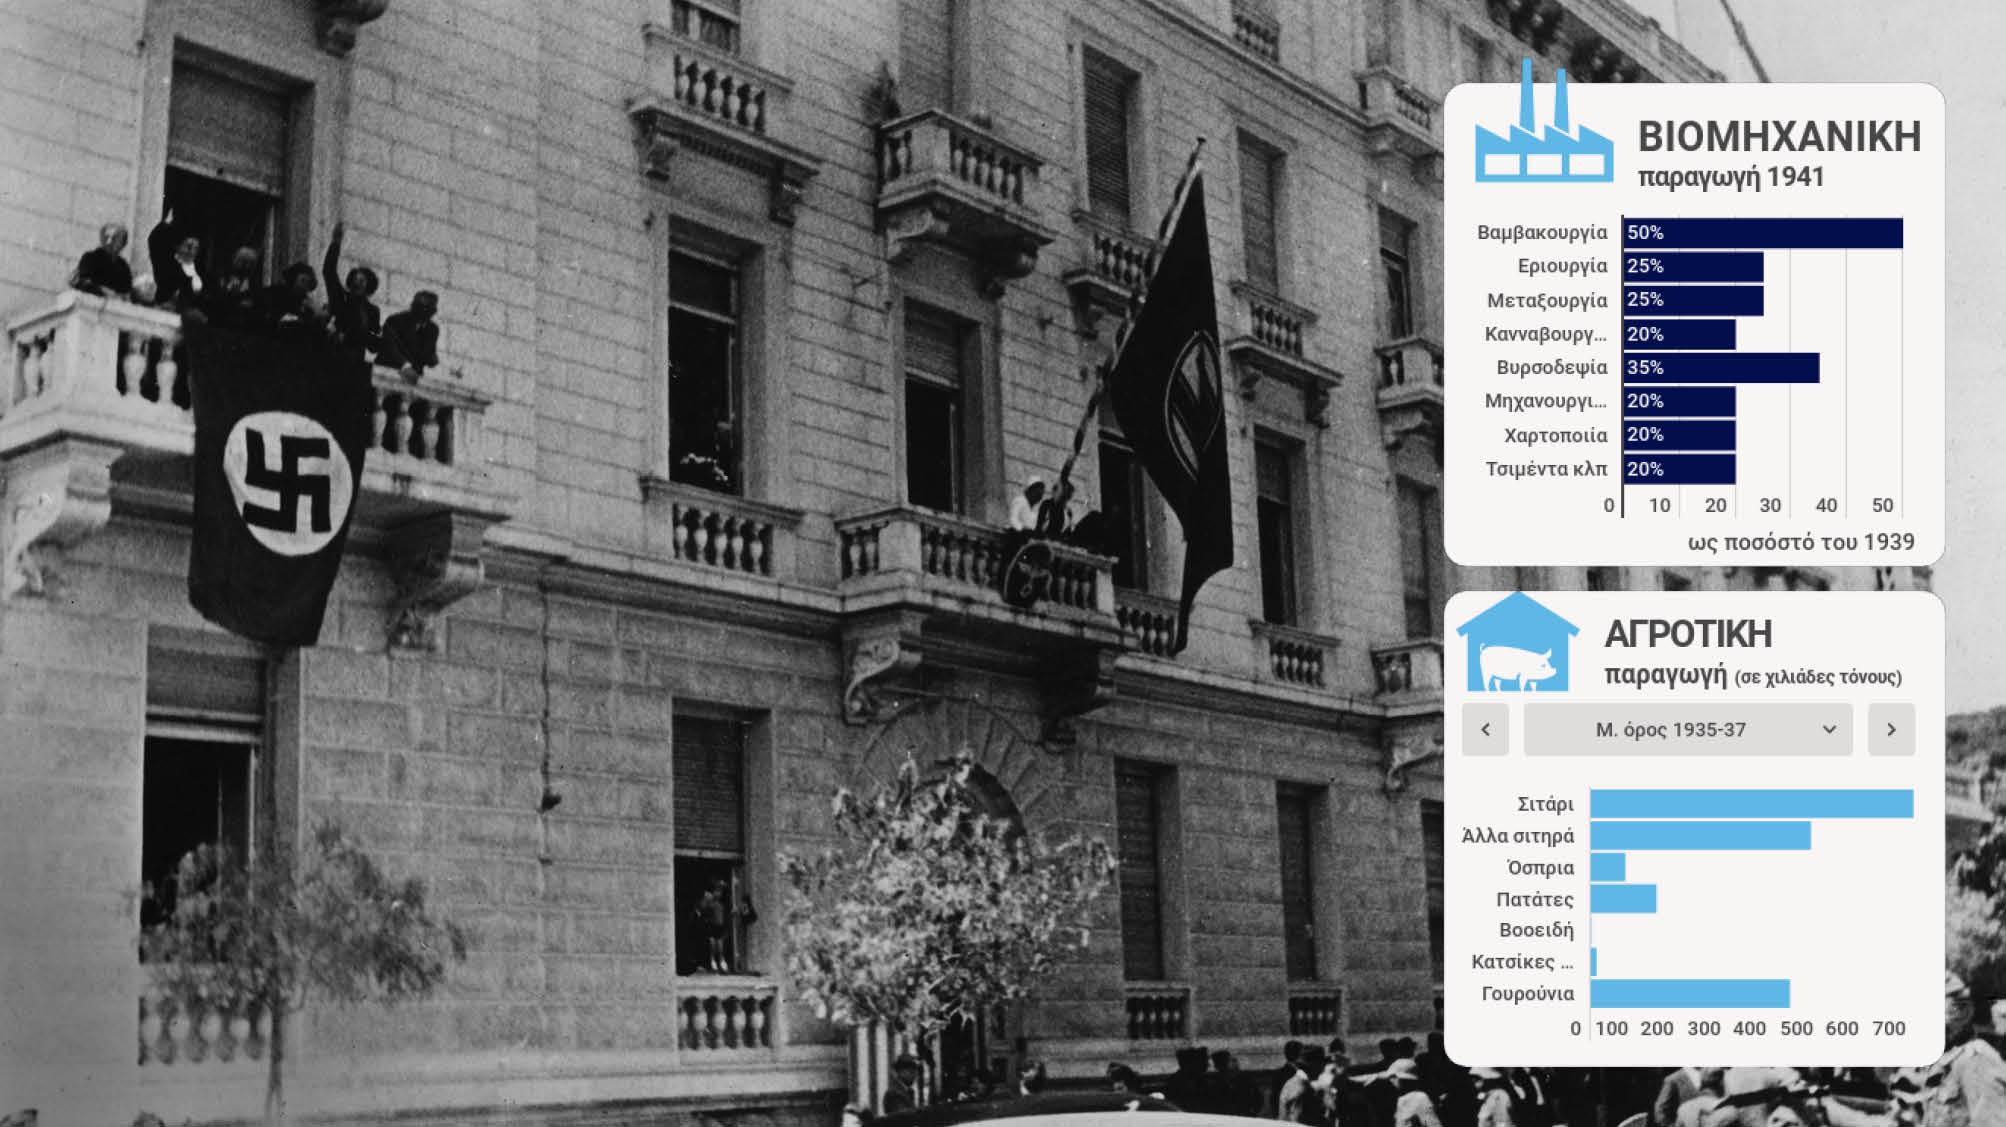 Πώς οι Ναζί κατέστρεψαν την οικονομία της Ελλάδας – Infographic